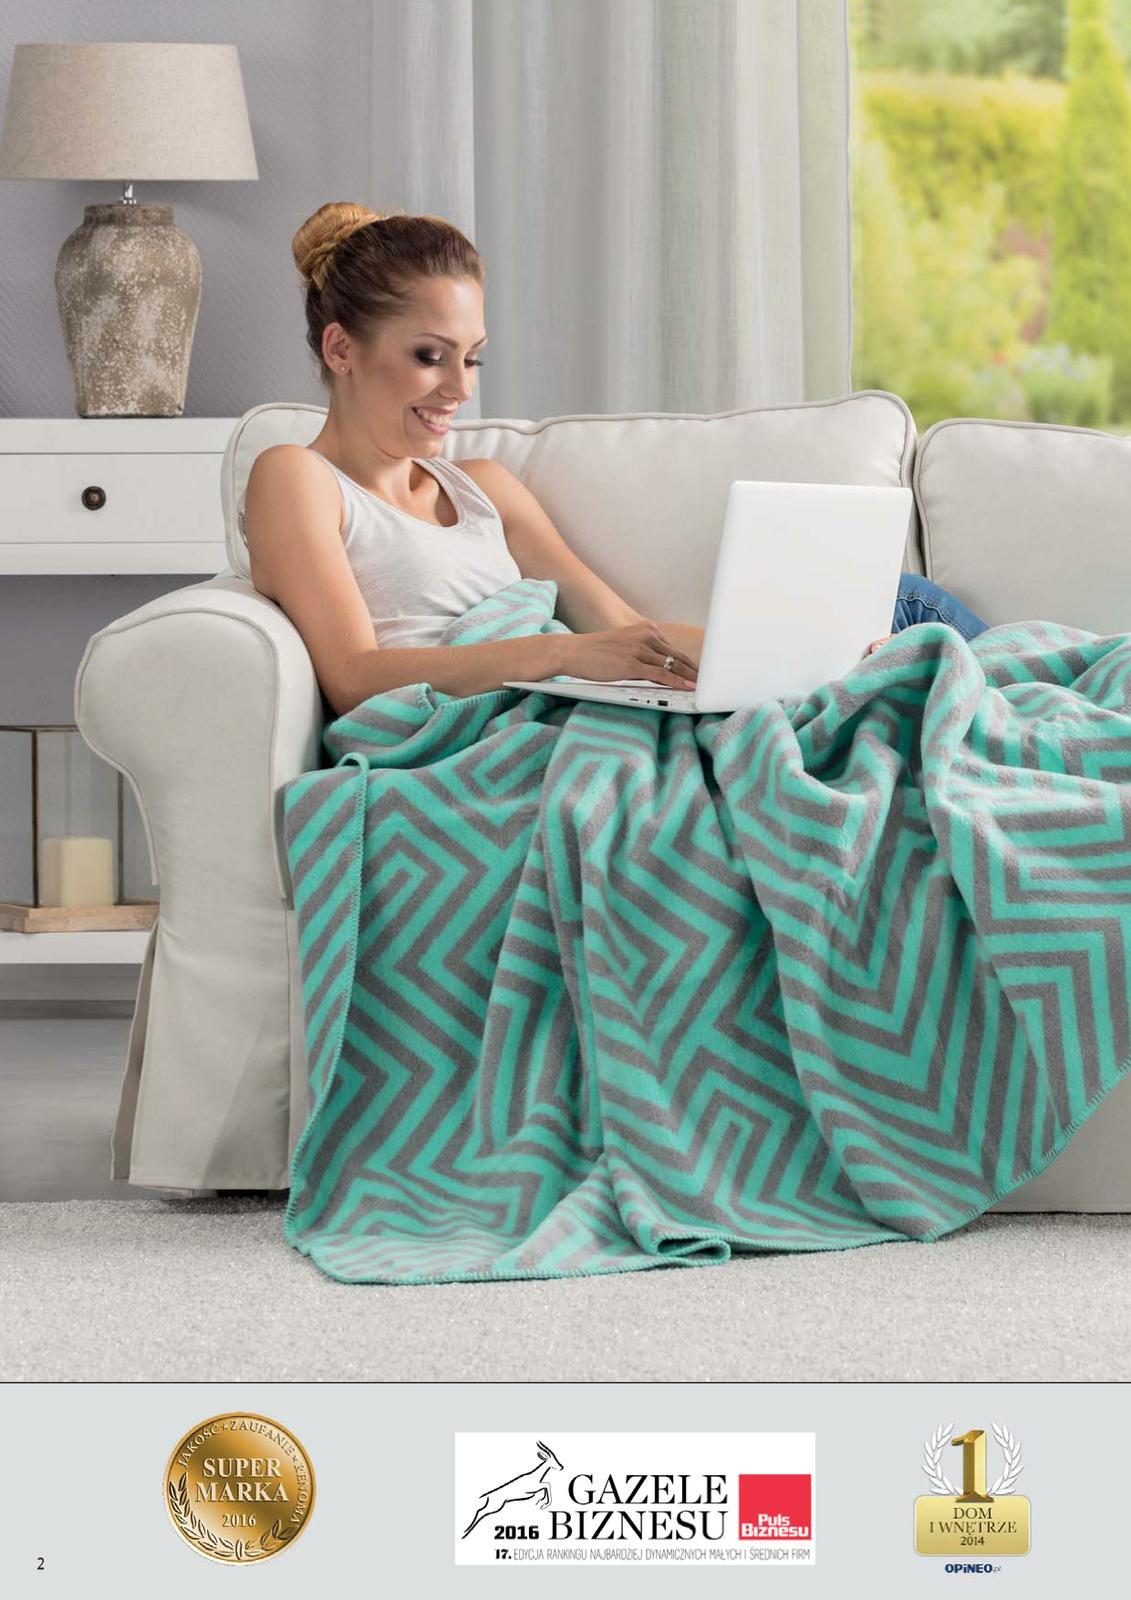 gazetka dekoria 11 09 2017 30 12 2017 lub do wyczerpania zapas w gazetki. Black Bedroom Furniture Sets. Home Design Ideas